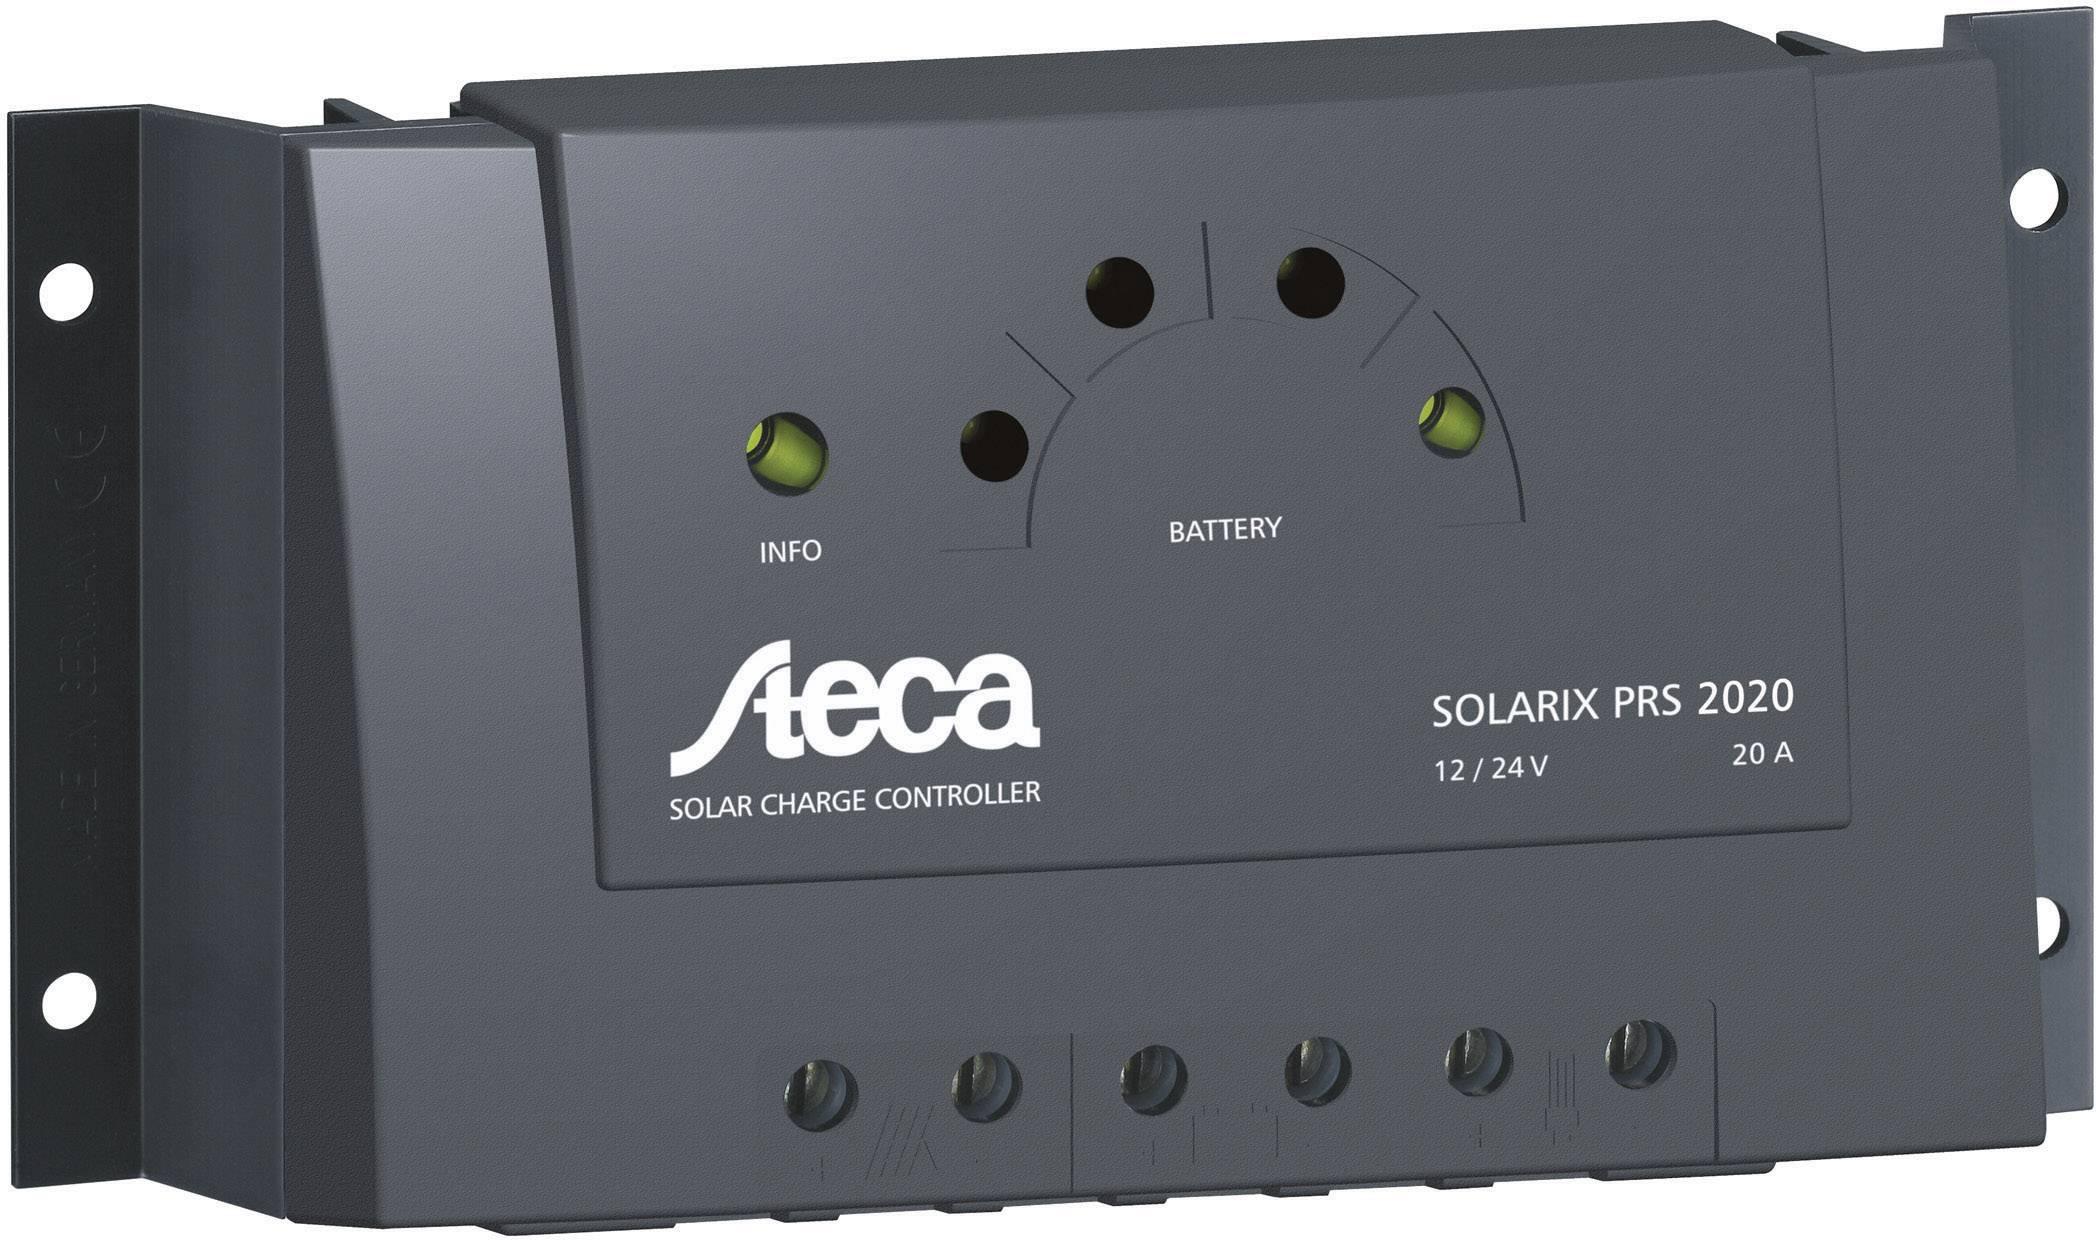 Solárny regulátor nabíjania Steca Solarix PRS 2020 101477, 20 A, 12 V, 24 V